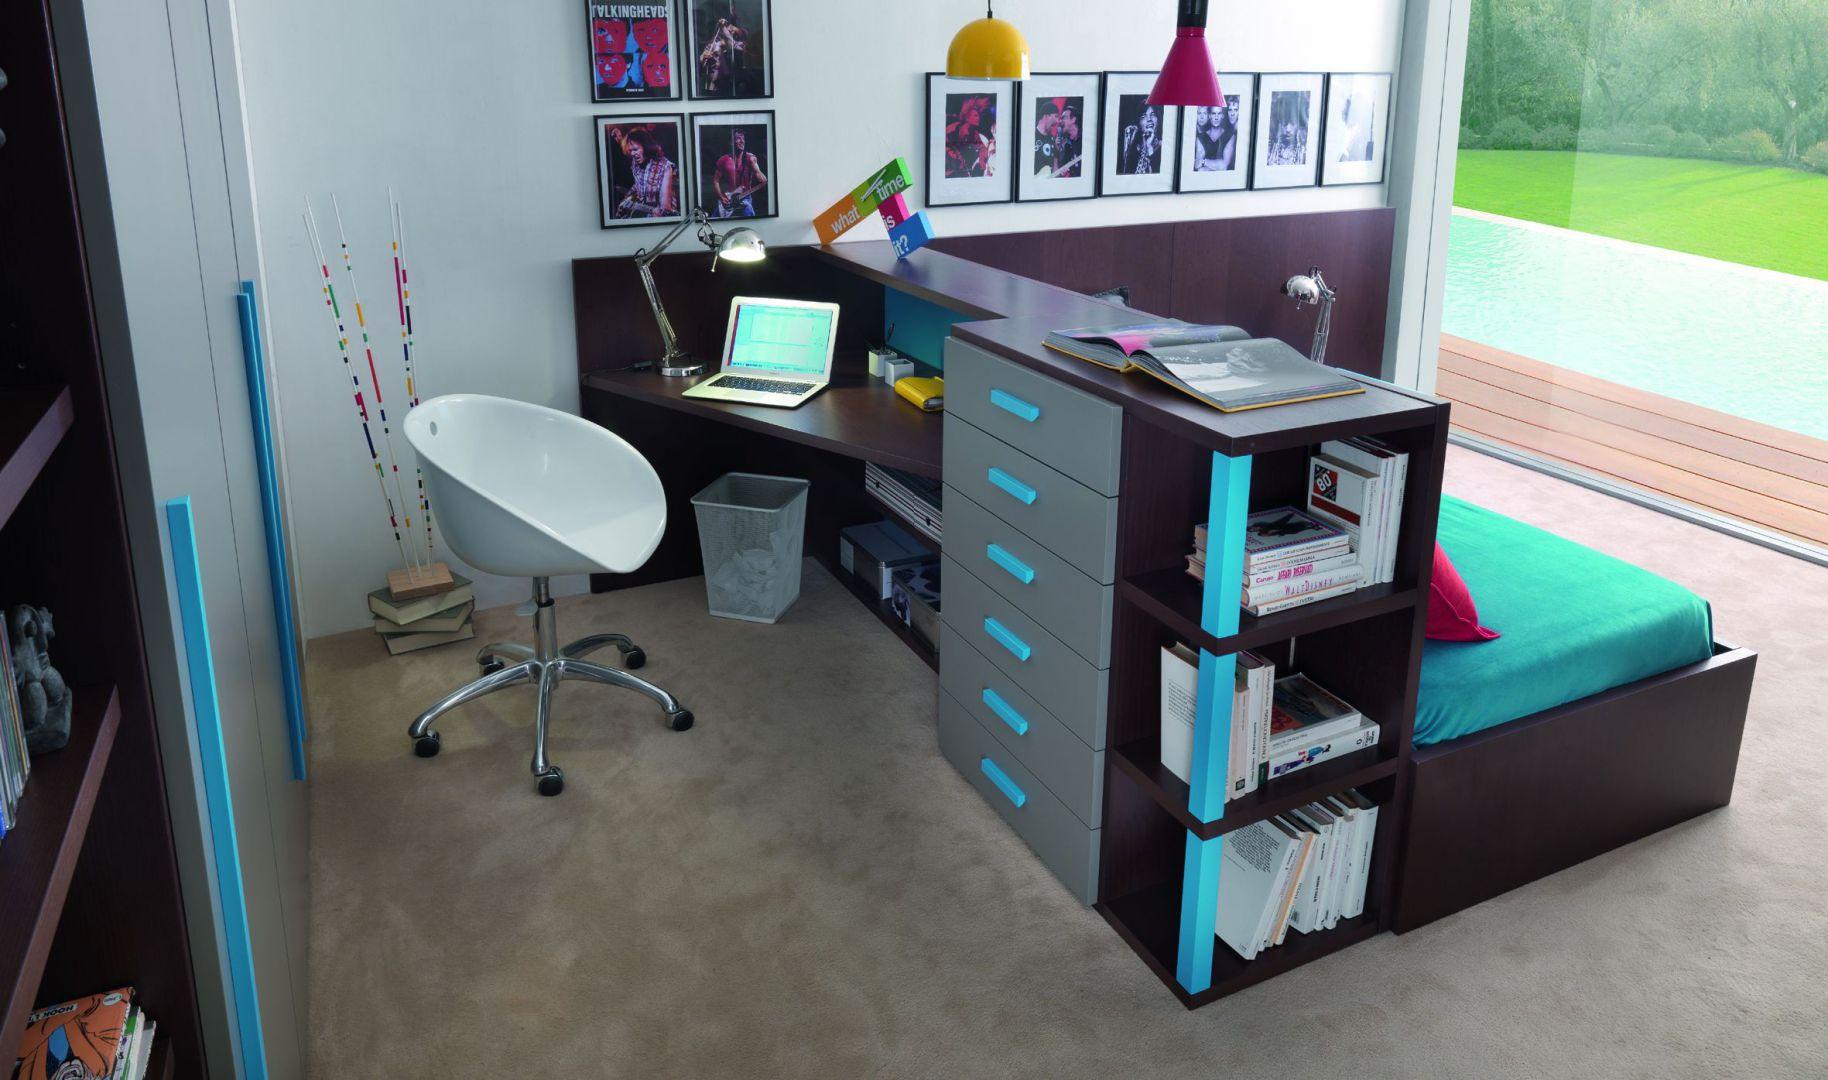 Kompaktowy zestaw mebli to znakomity sposób na zagospodarowanie niewielkiej przestrzeni. Fot. Dearkids.it.